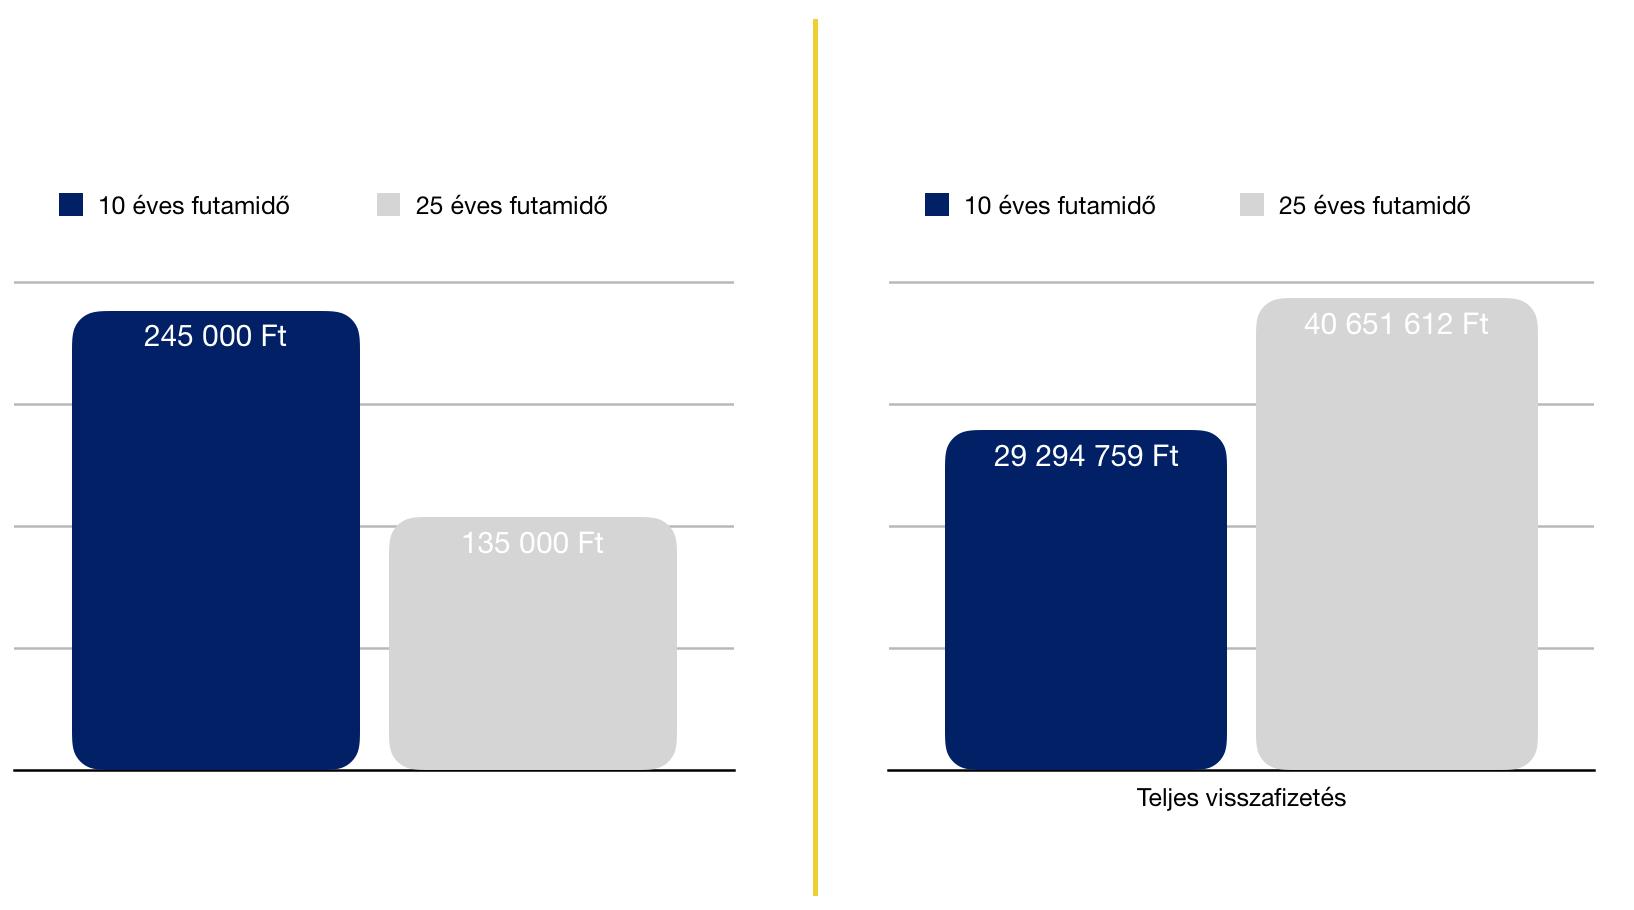 hitel teljes visszafizetése